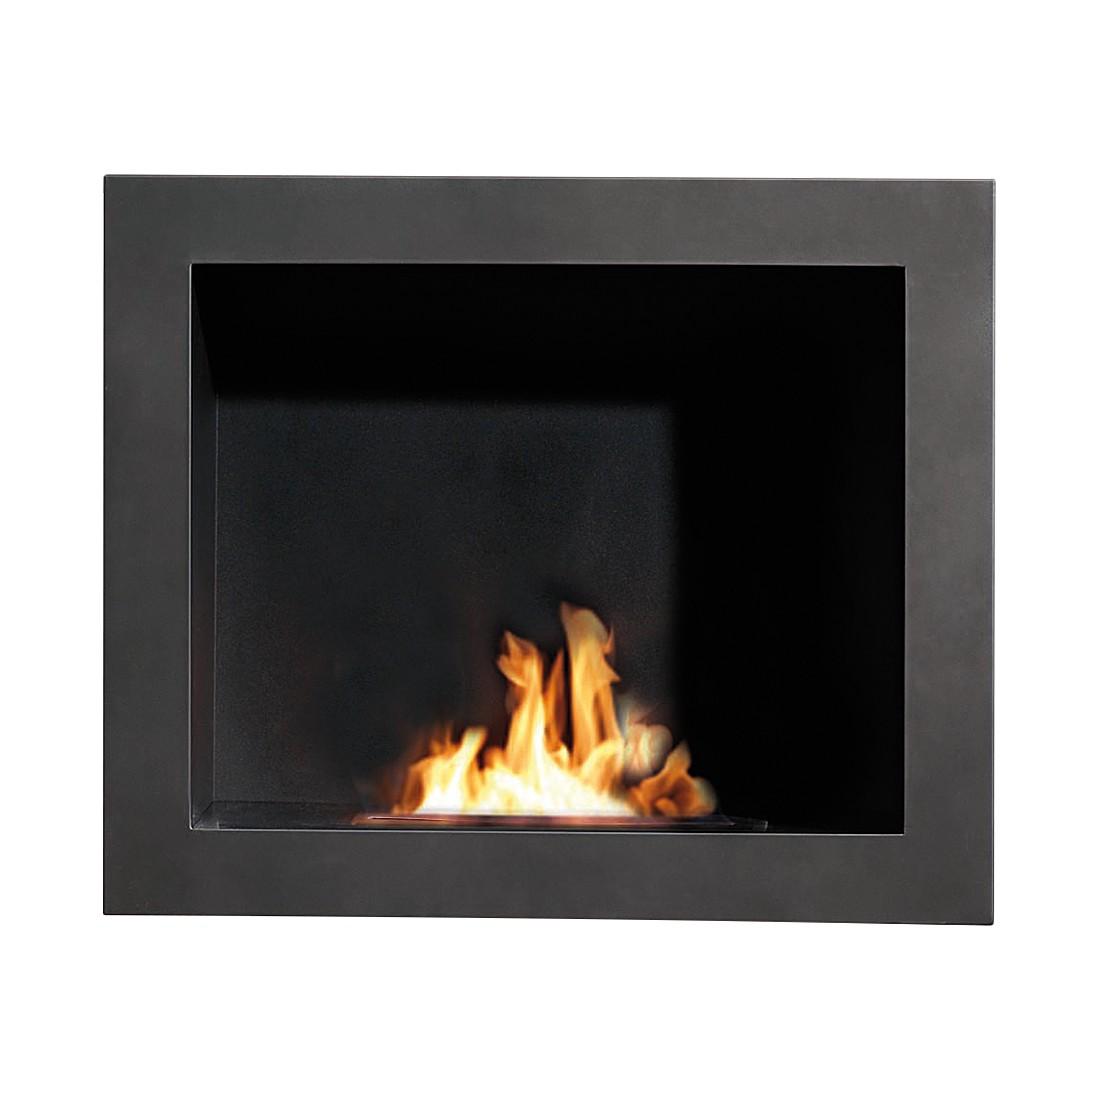 Home 24 - Cheminée éthanol quattro - anthracite, ruby fires